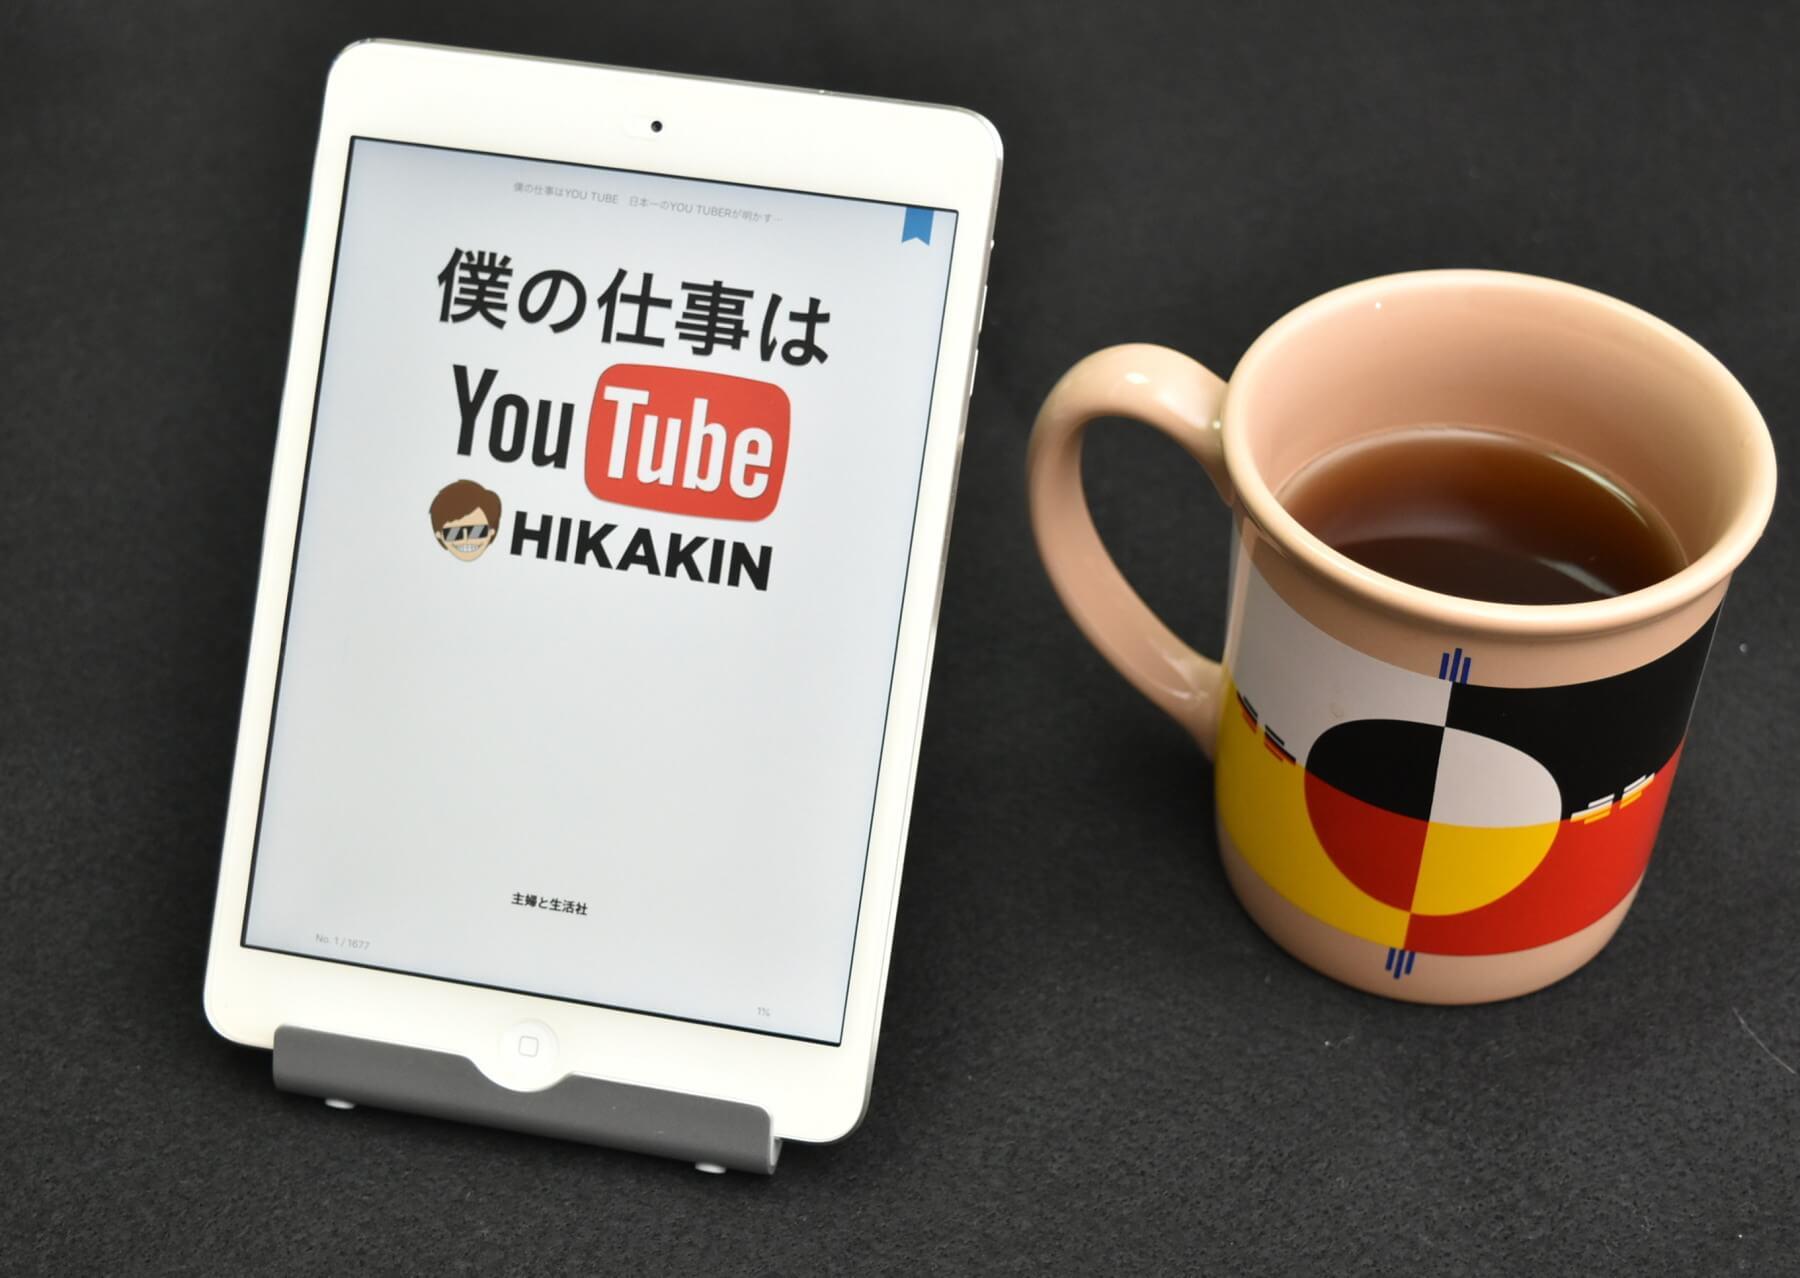 HIKAKINの電子書籍